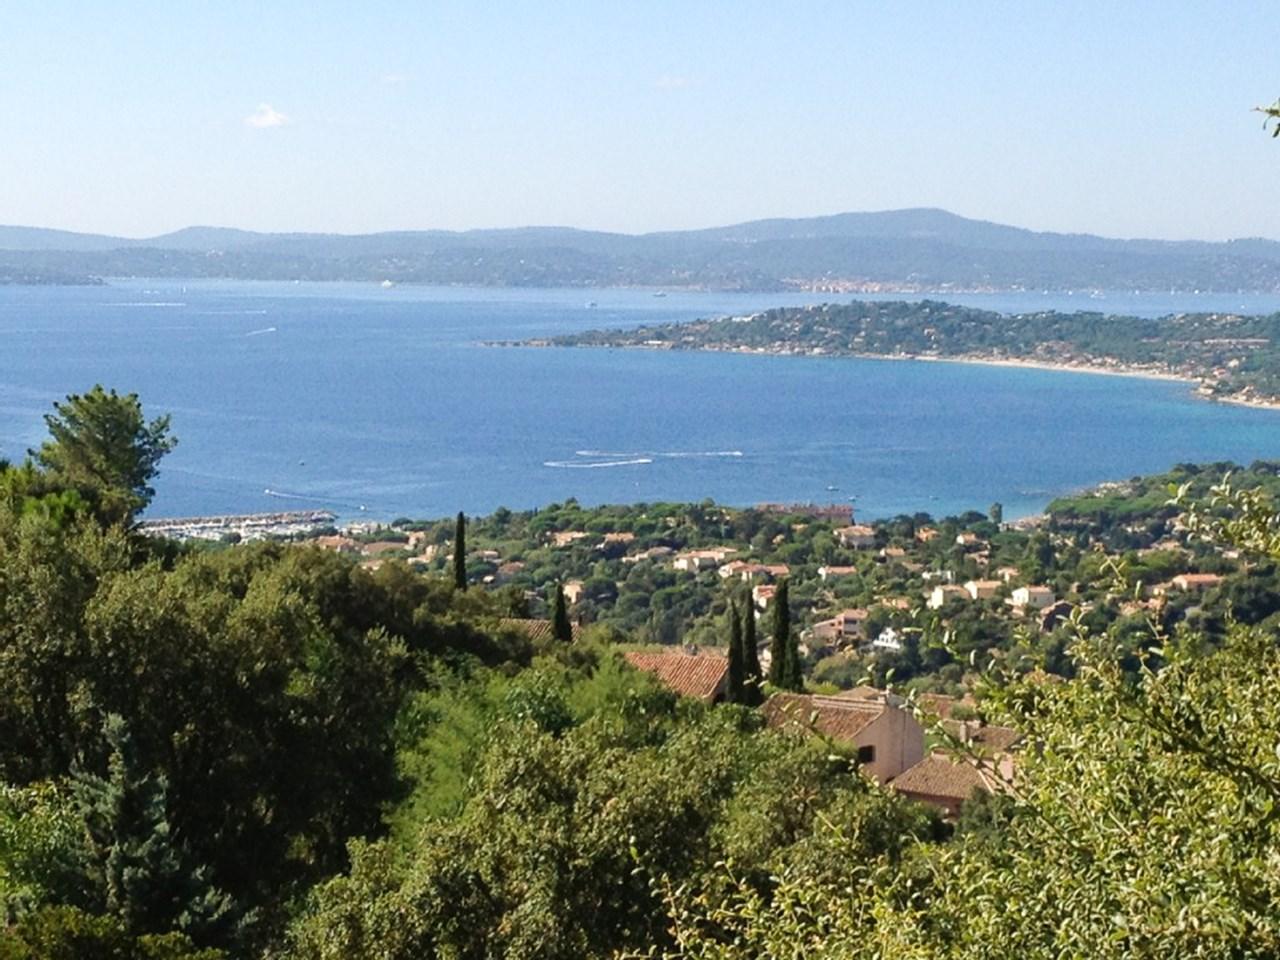 WIMCO Villas, YNF DAU, France, St. Tropez & The Var, 4 bedrooms, 4.5 bathrooms